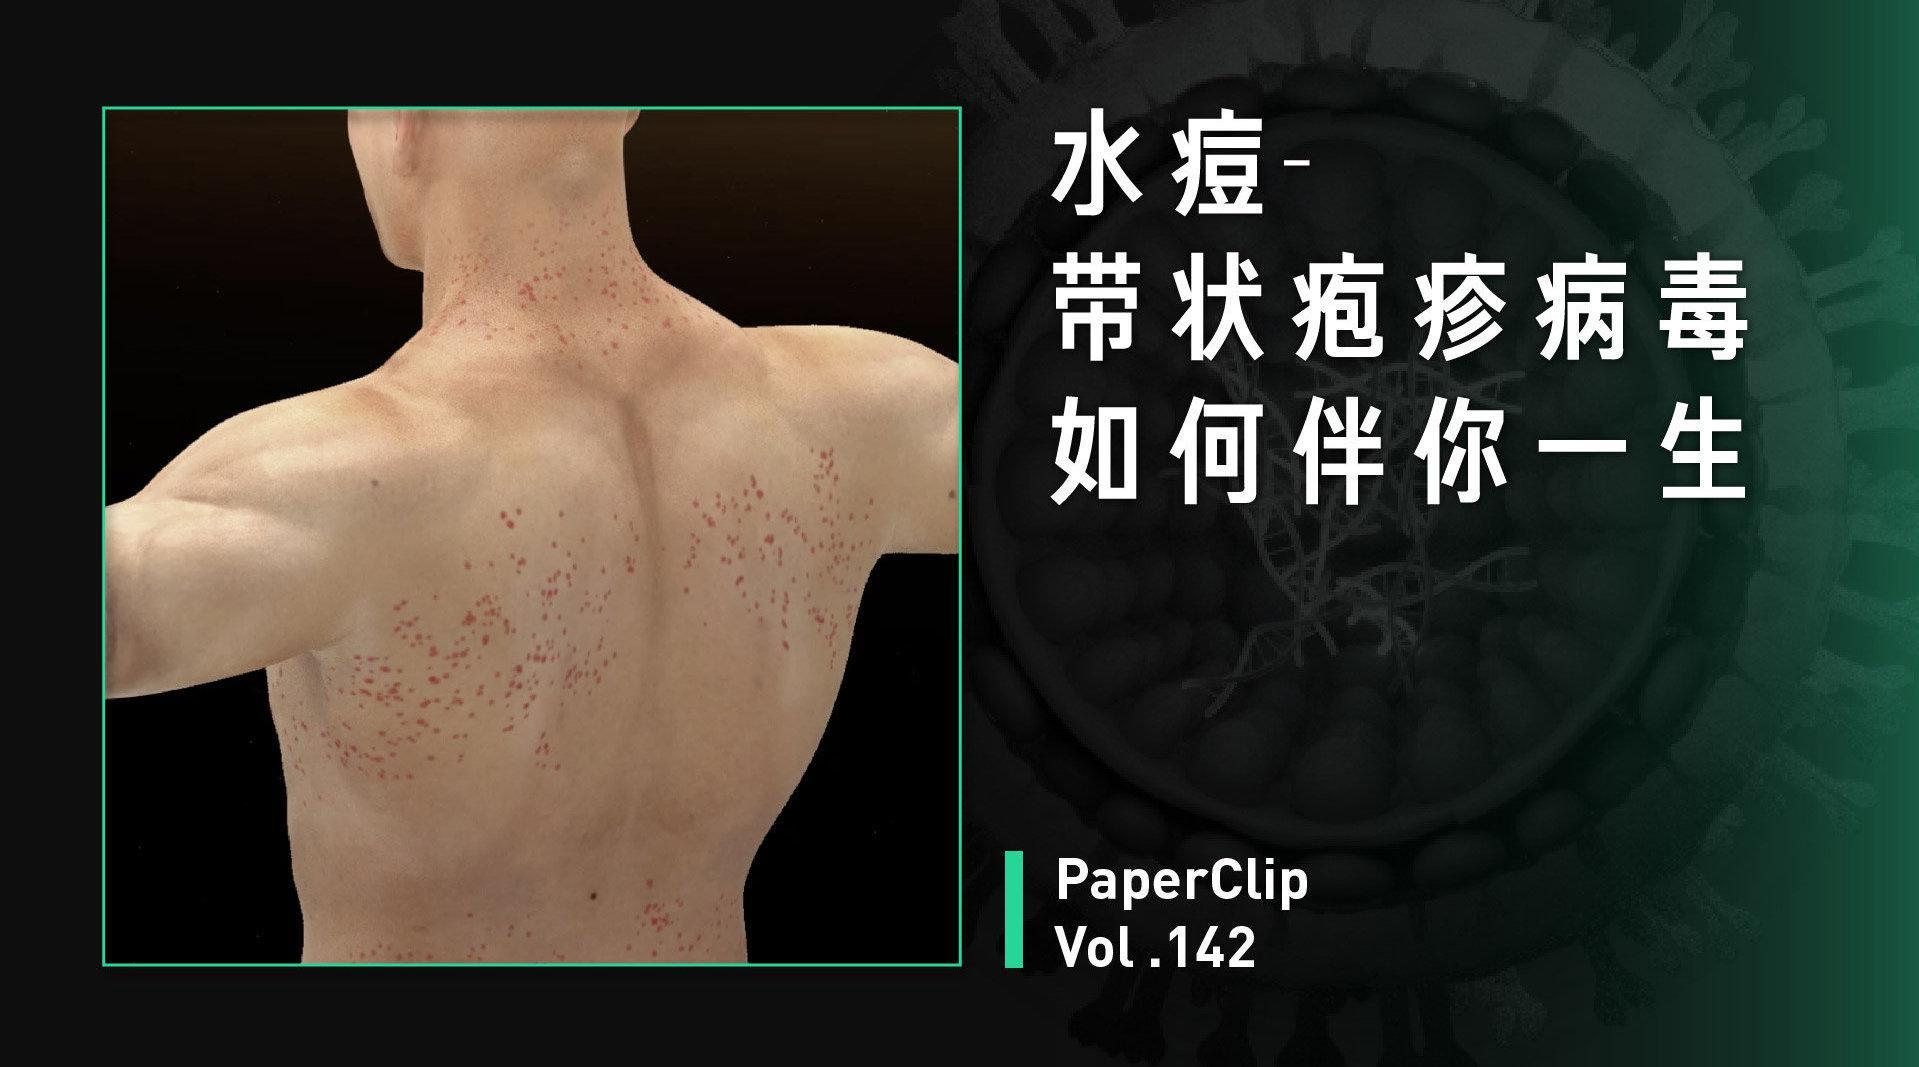 水痘-带状疱疹病毒如何伴你一生?